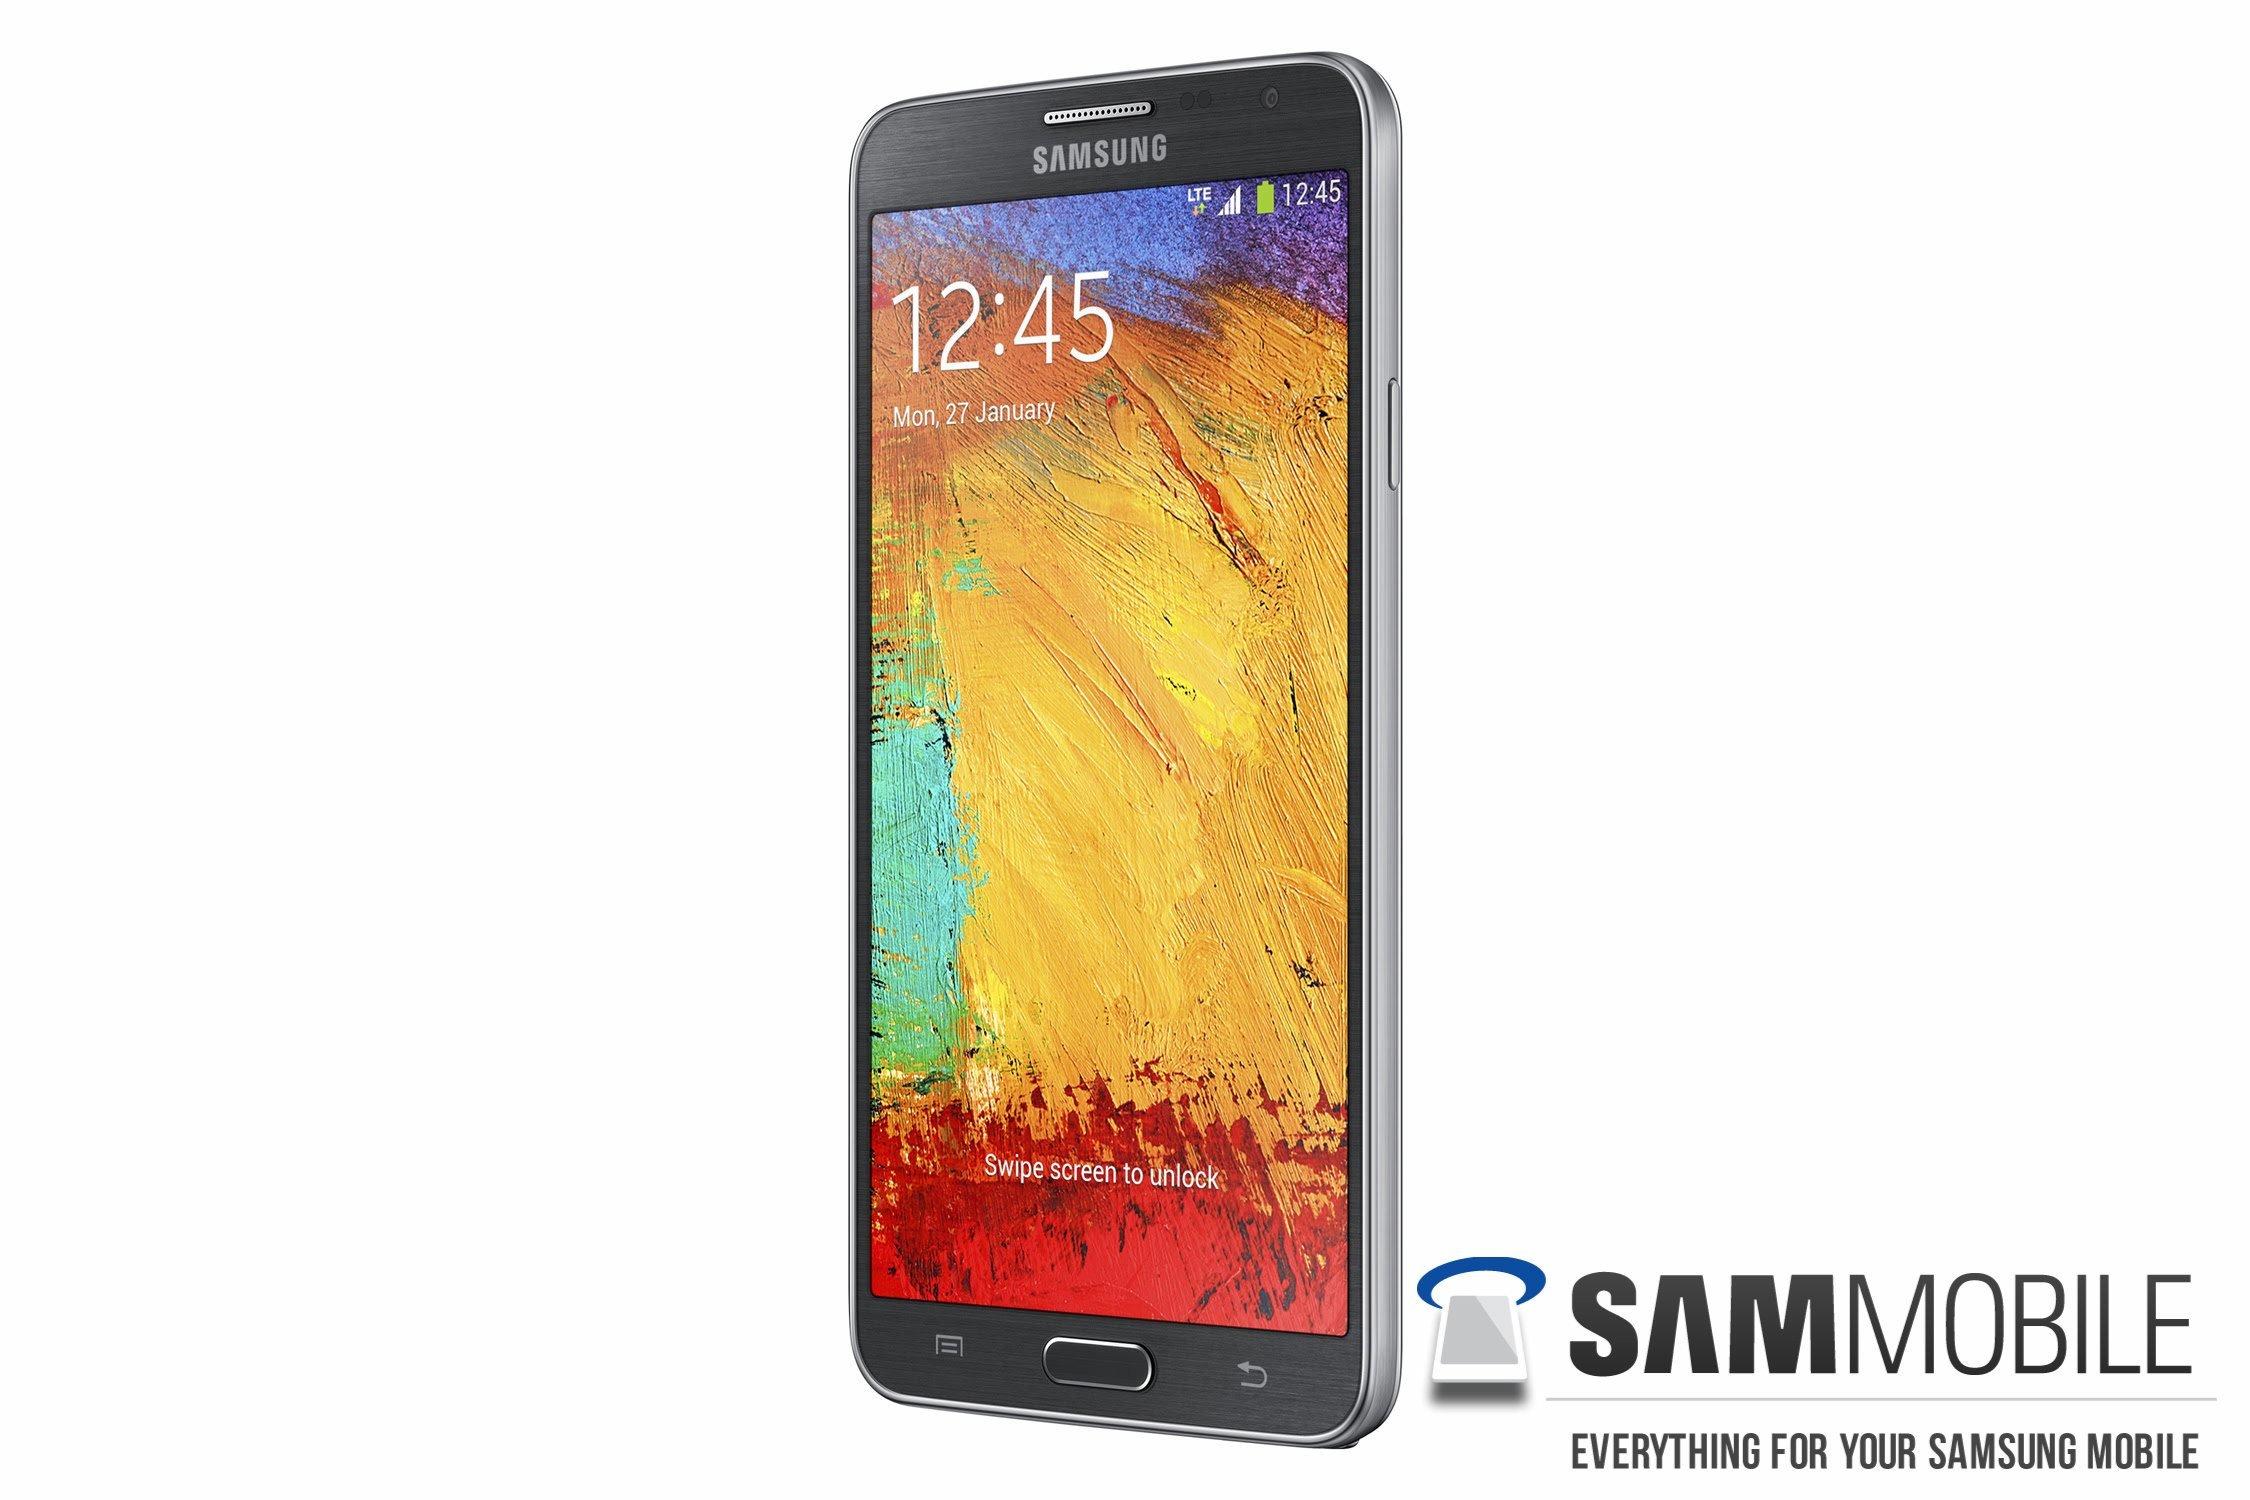 GALAXY Note 3 NEO SamMobile 2